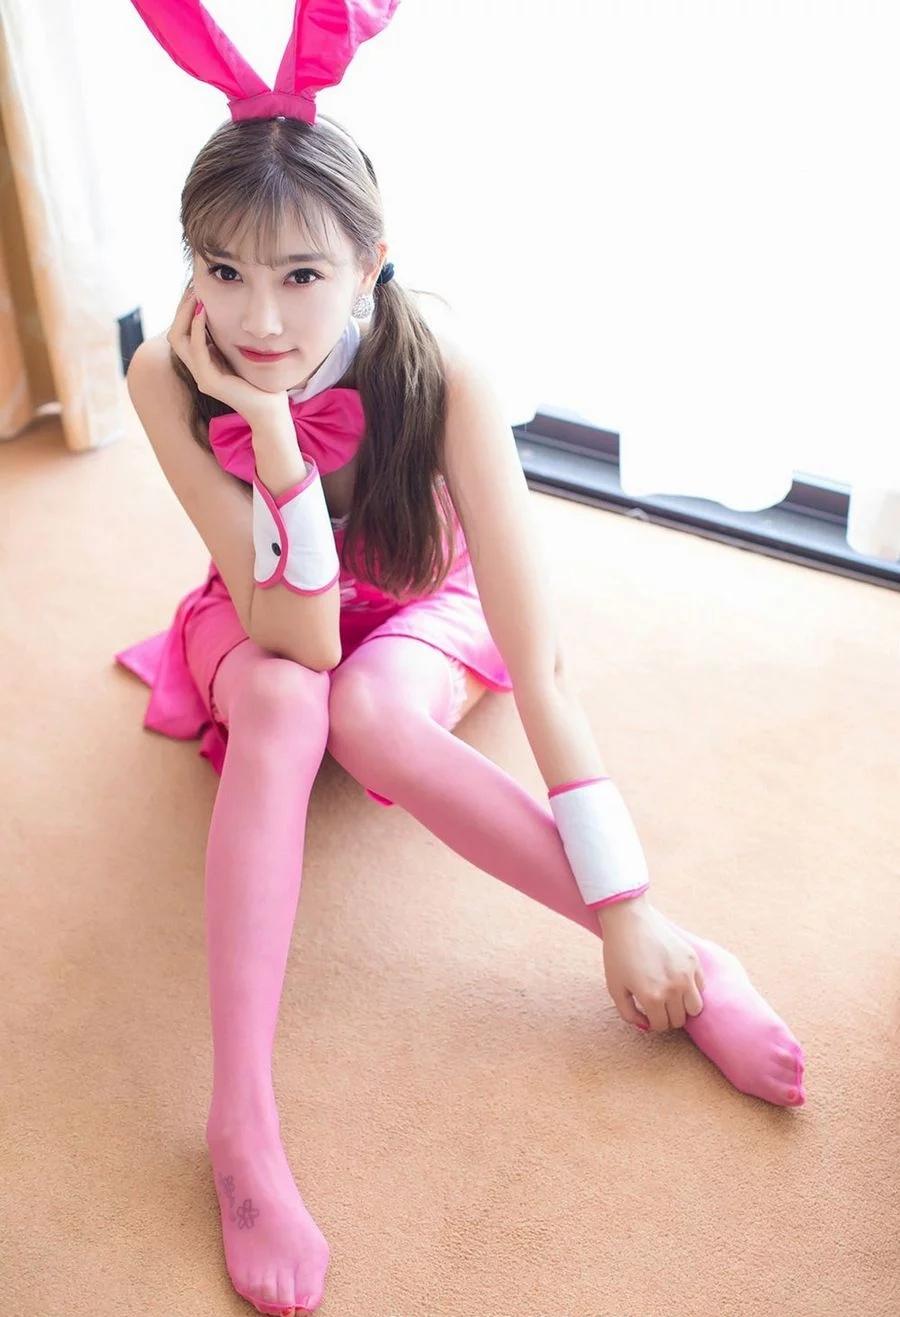 粉色系衣服丝袜的性感可爱兔女郎